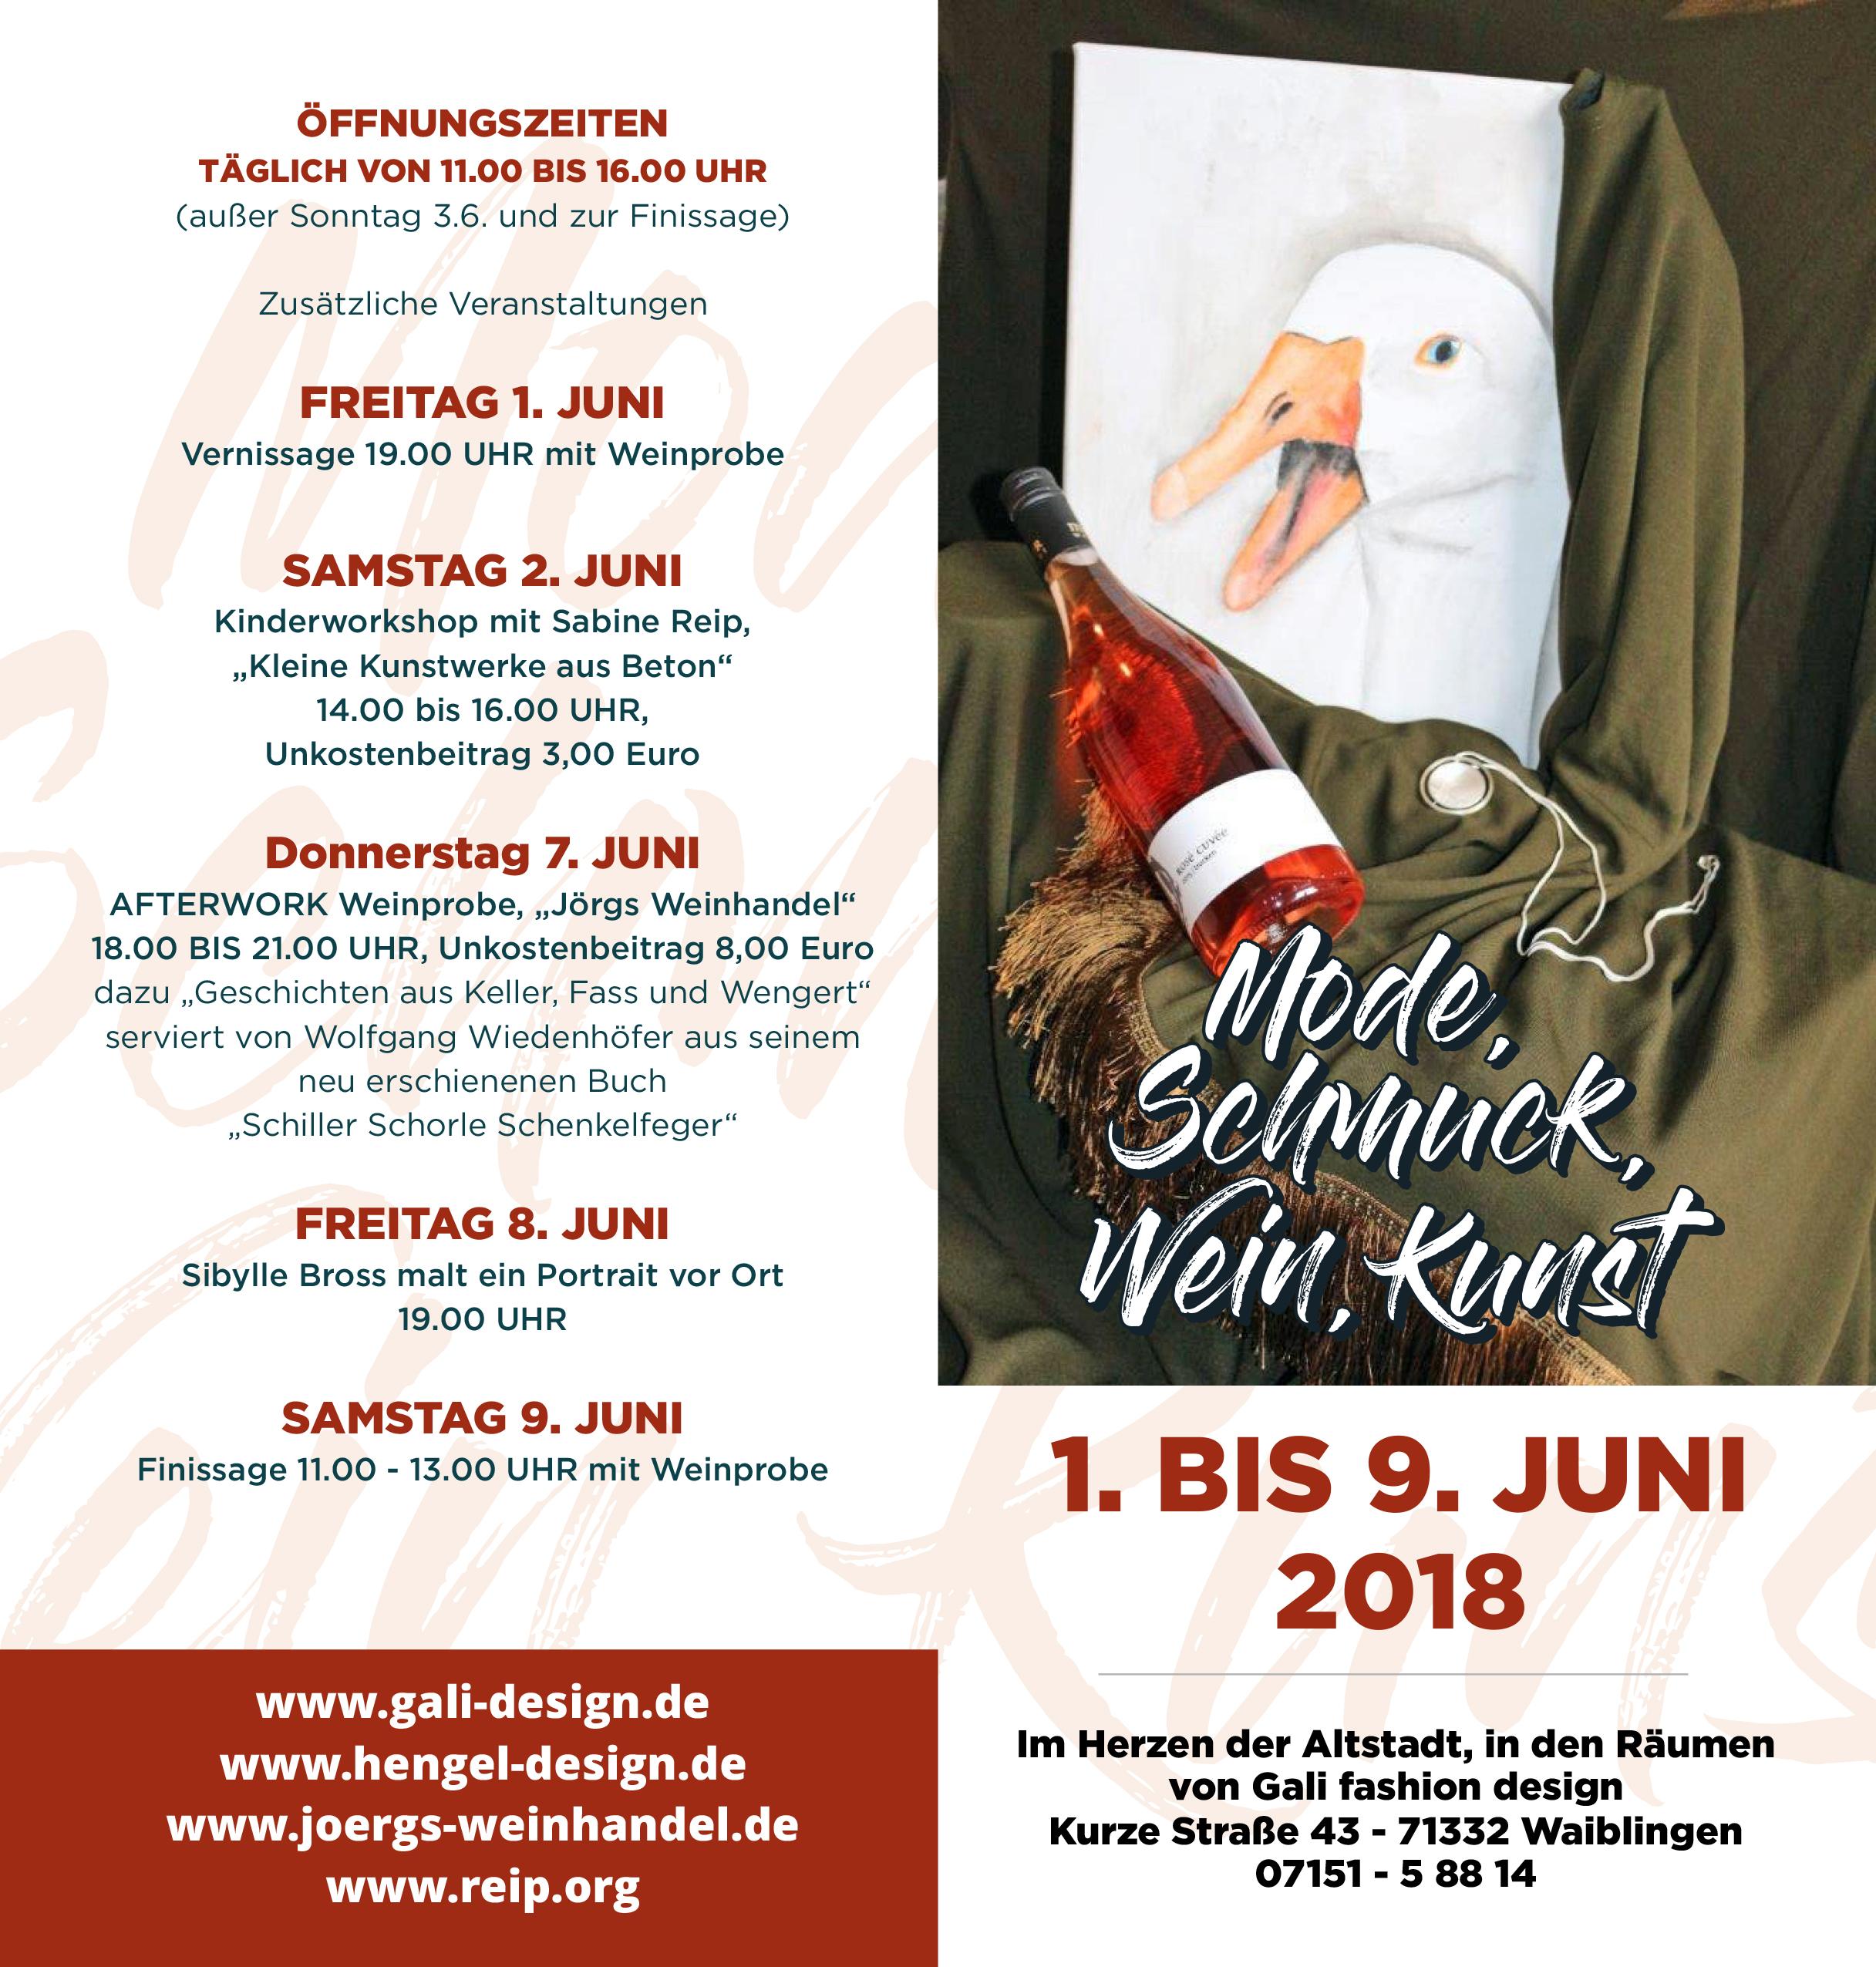 Einladung Mode Schmuck Wein Kunst.jpg